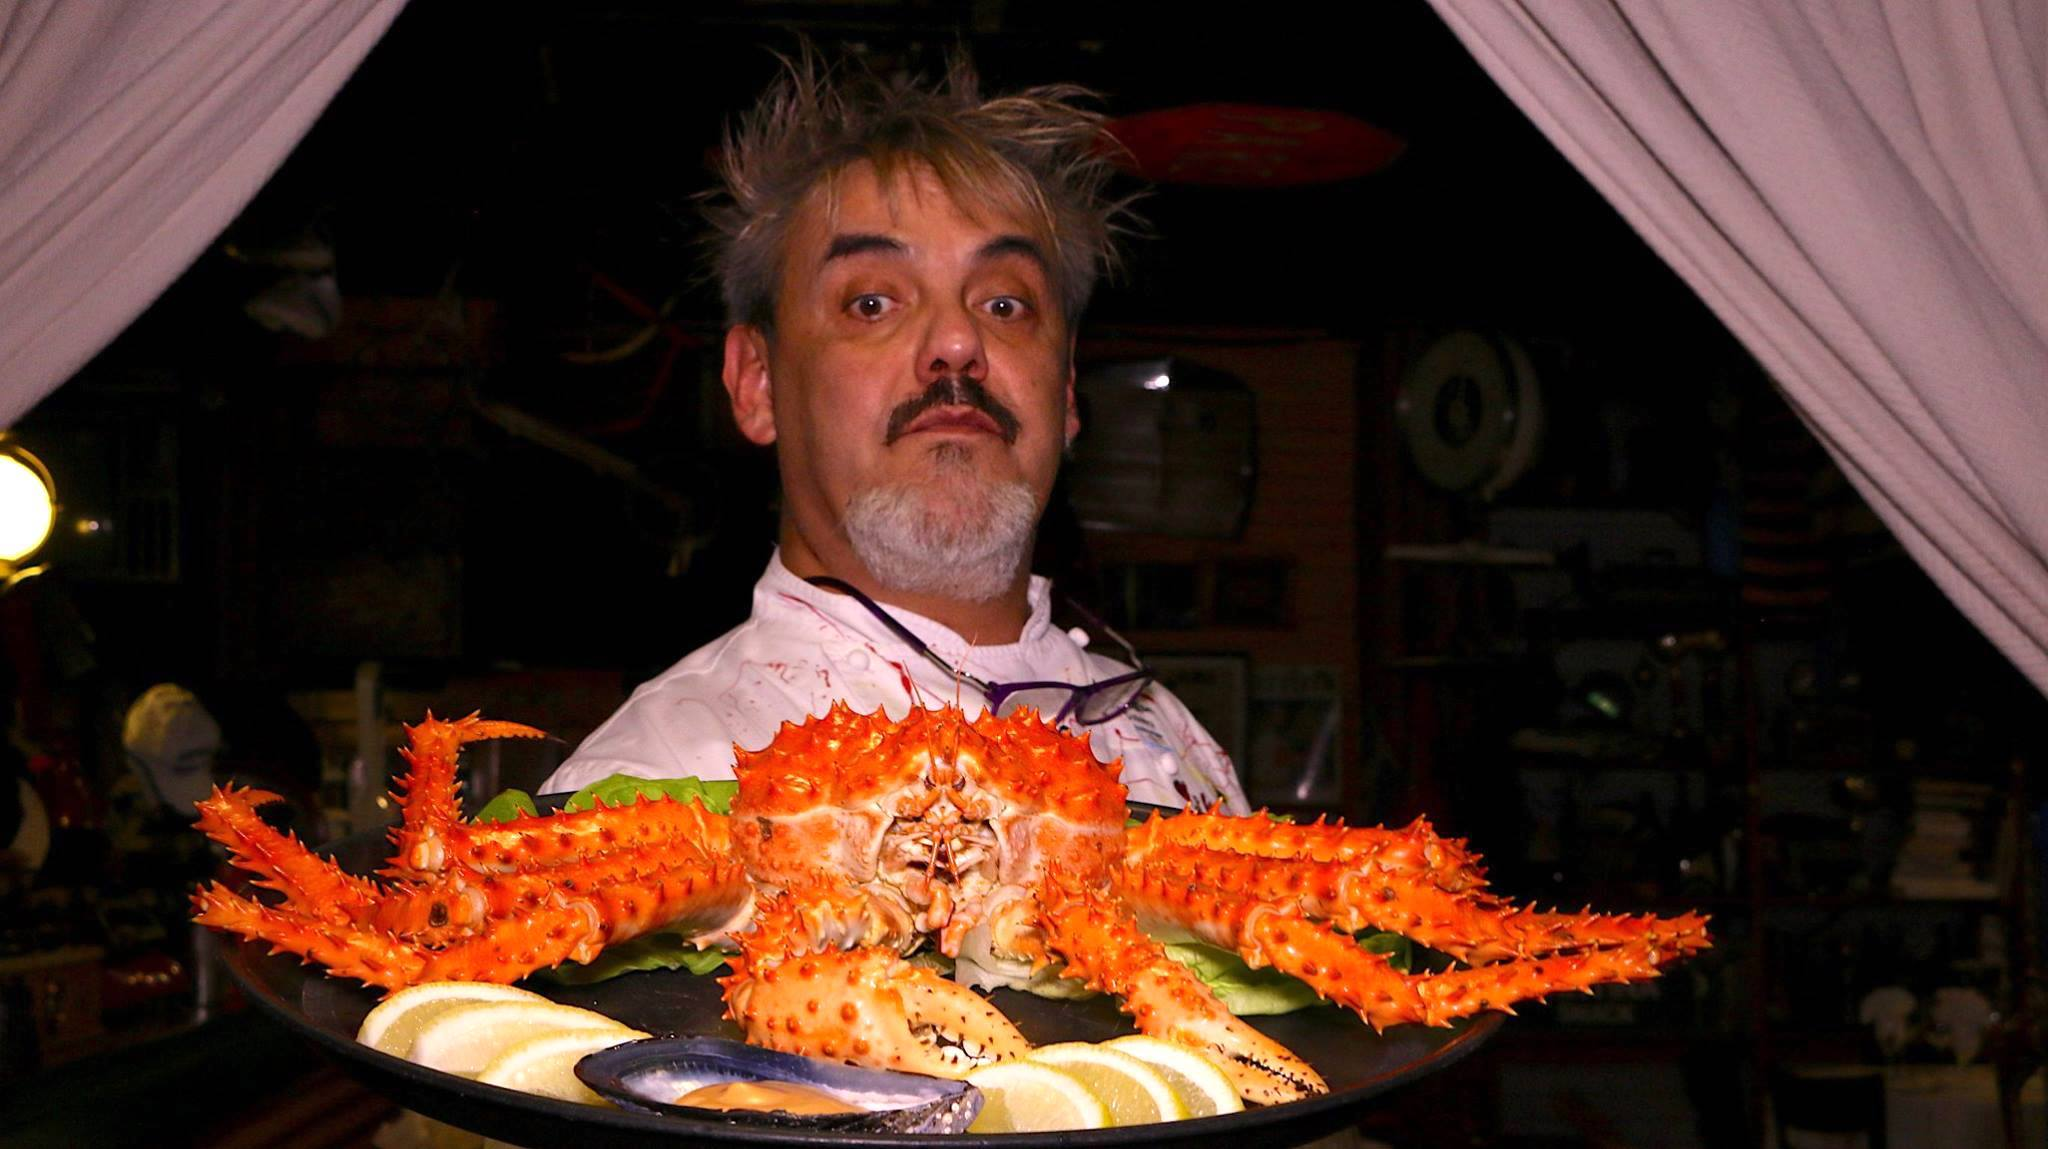 Chefe Lino Adilon com um dos principais pratos de Ushuaia - Centolla